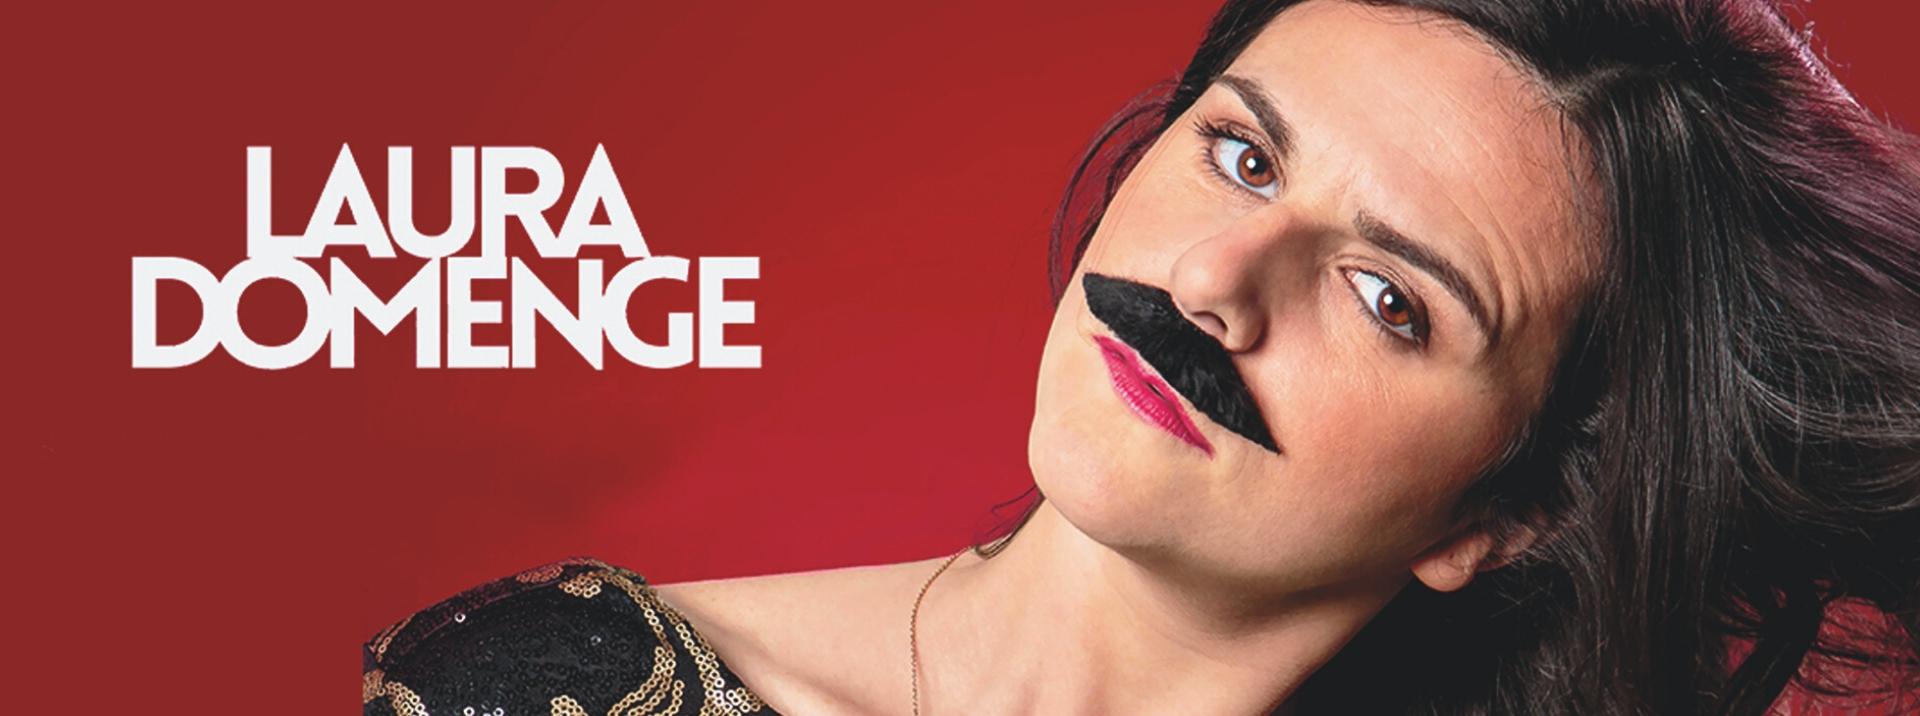 Laura Domenge au théâtre à Nantes